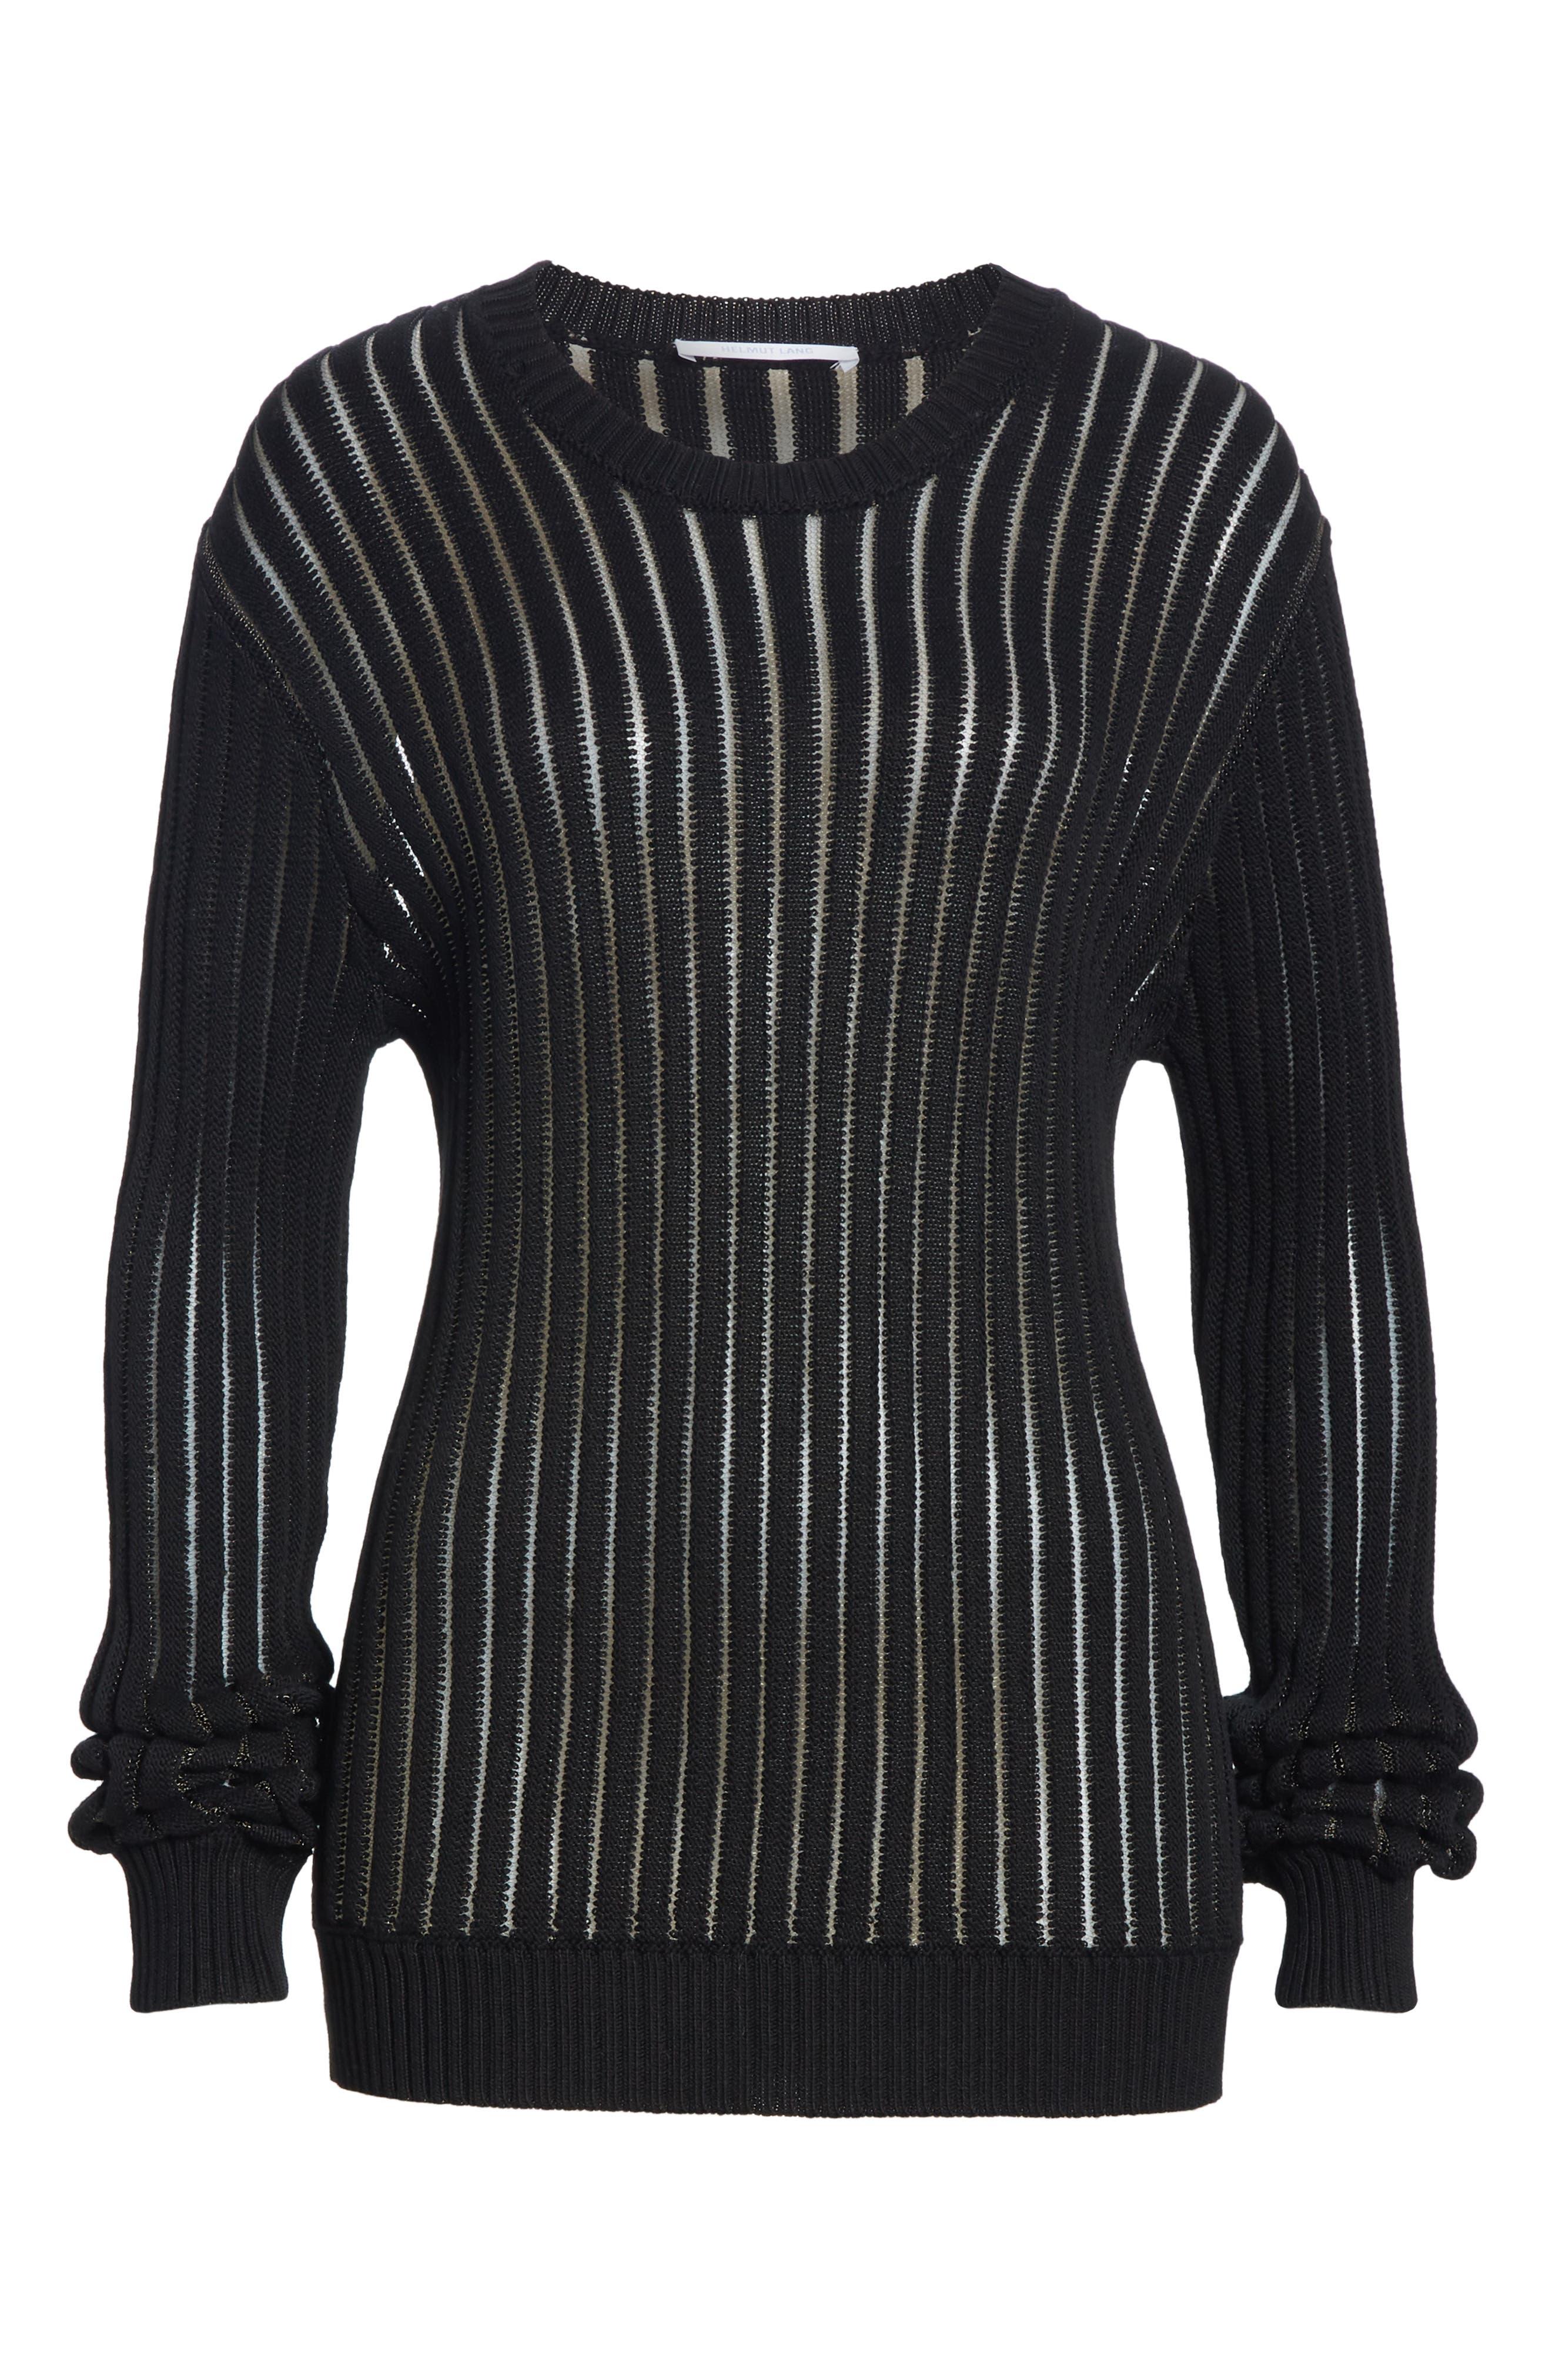 HELMUT LANG, Sheer Stripe Sweater, Alternate thumbnail 6, color, 001